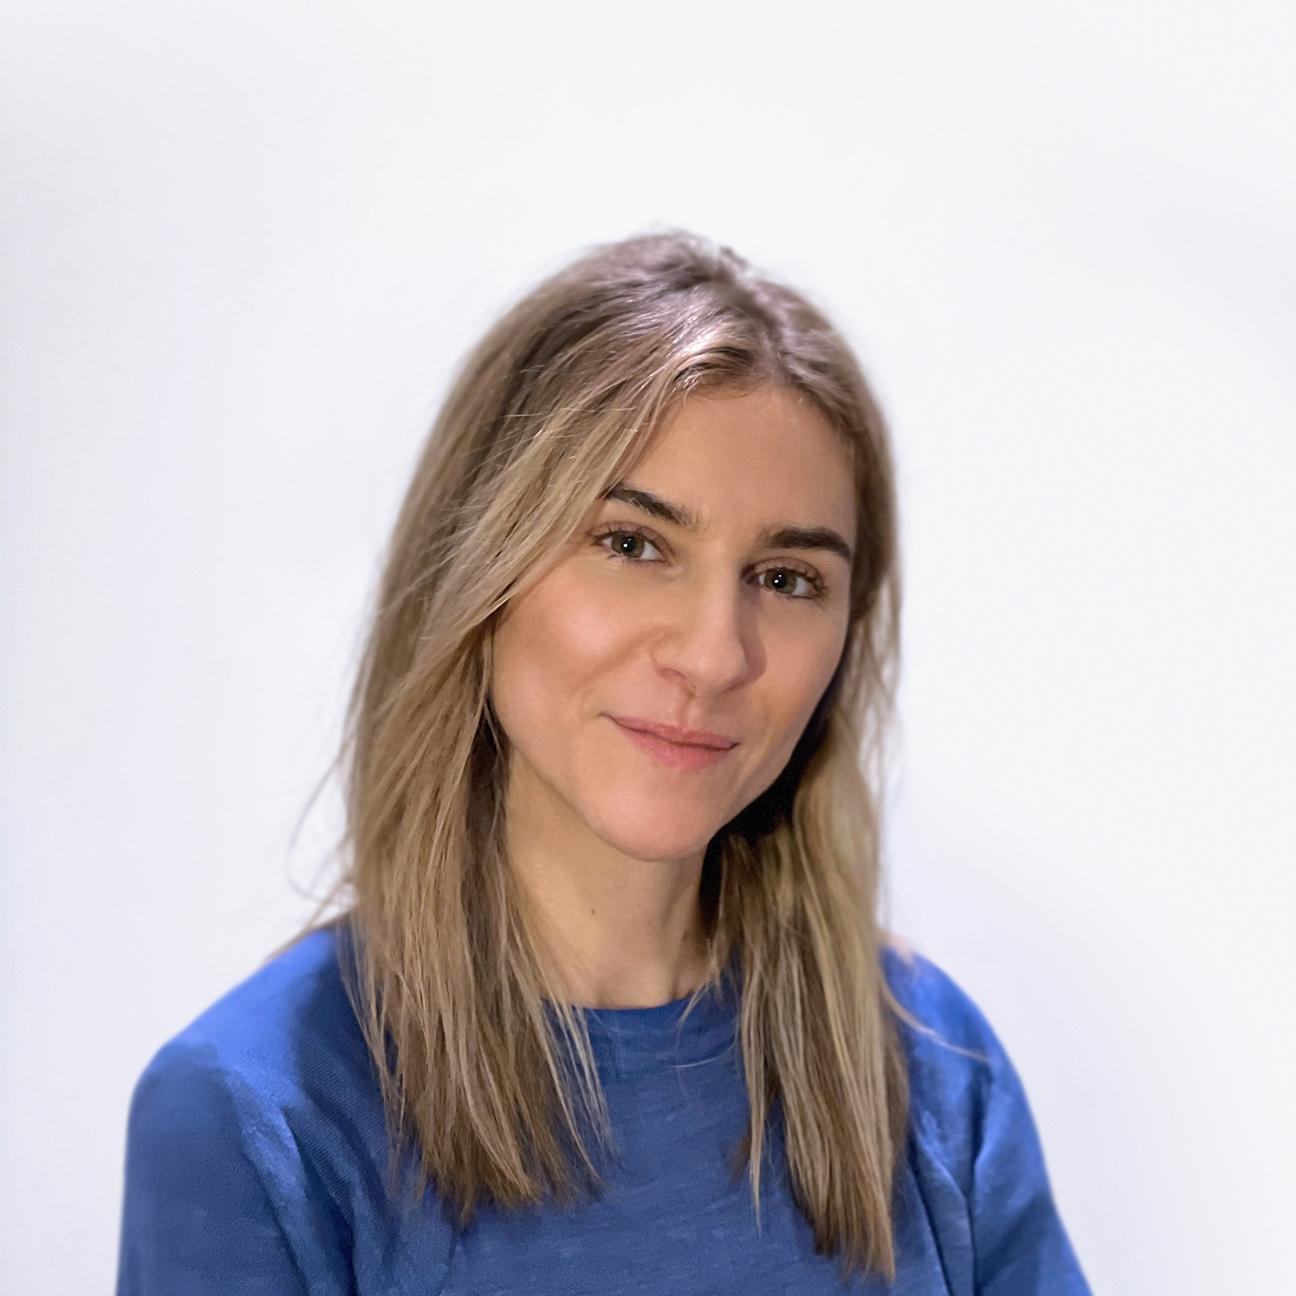 Gabrielle Conforti